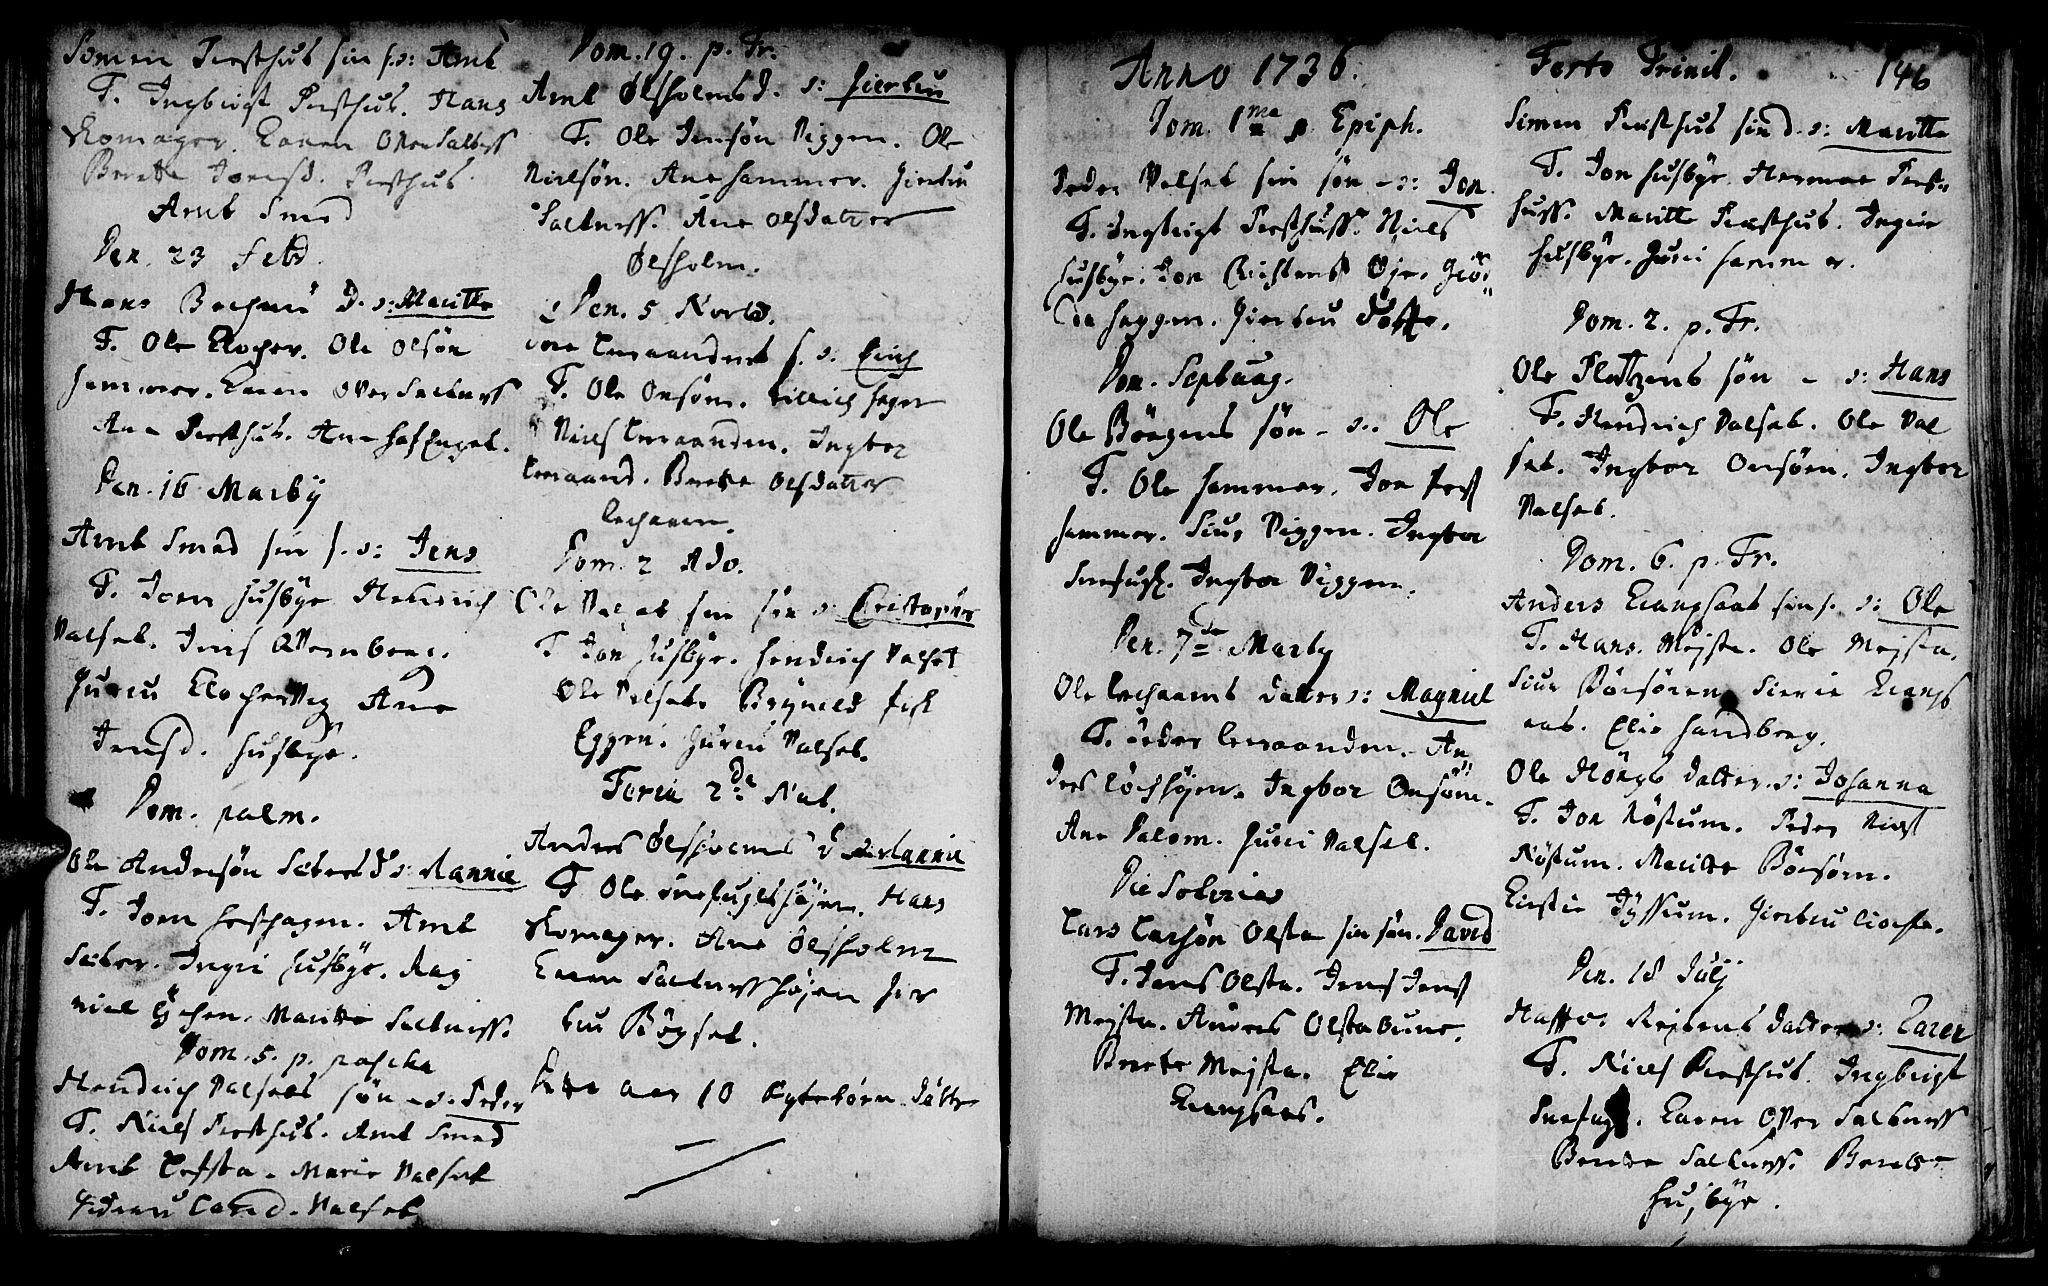 SAT, Ministerialprotokoller, klokkerbøker og fødselsregistre - Sør-Trøndelag, 666/L0783: Ministerialbok nr. 666A01, 1702-1753, s. 146